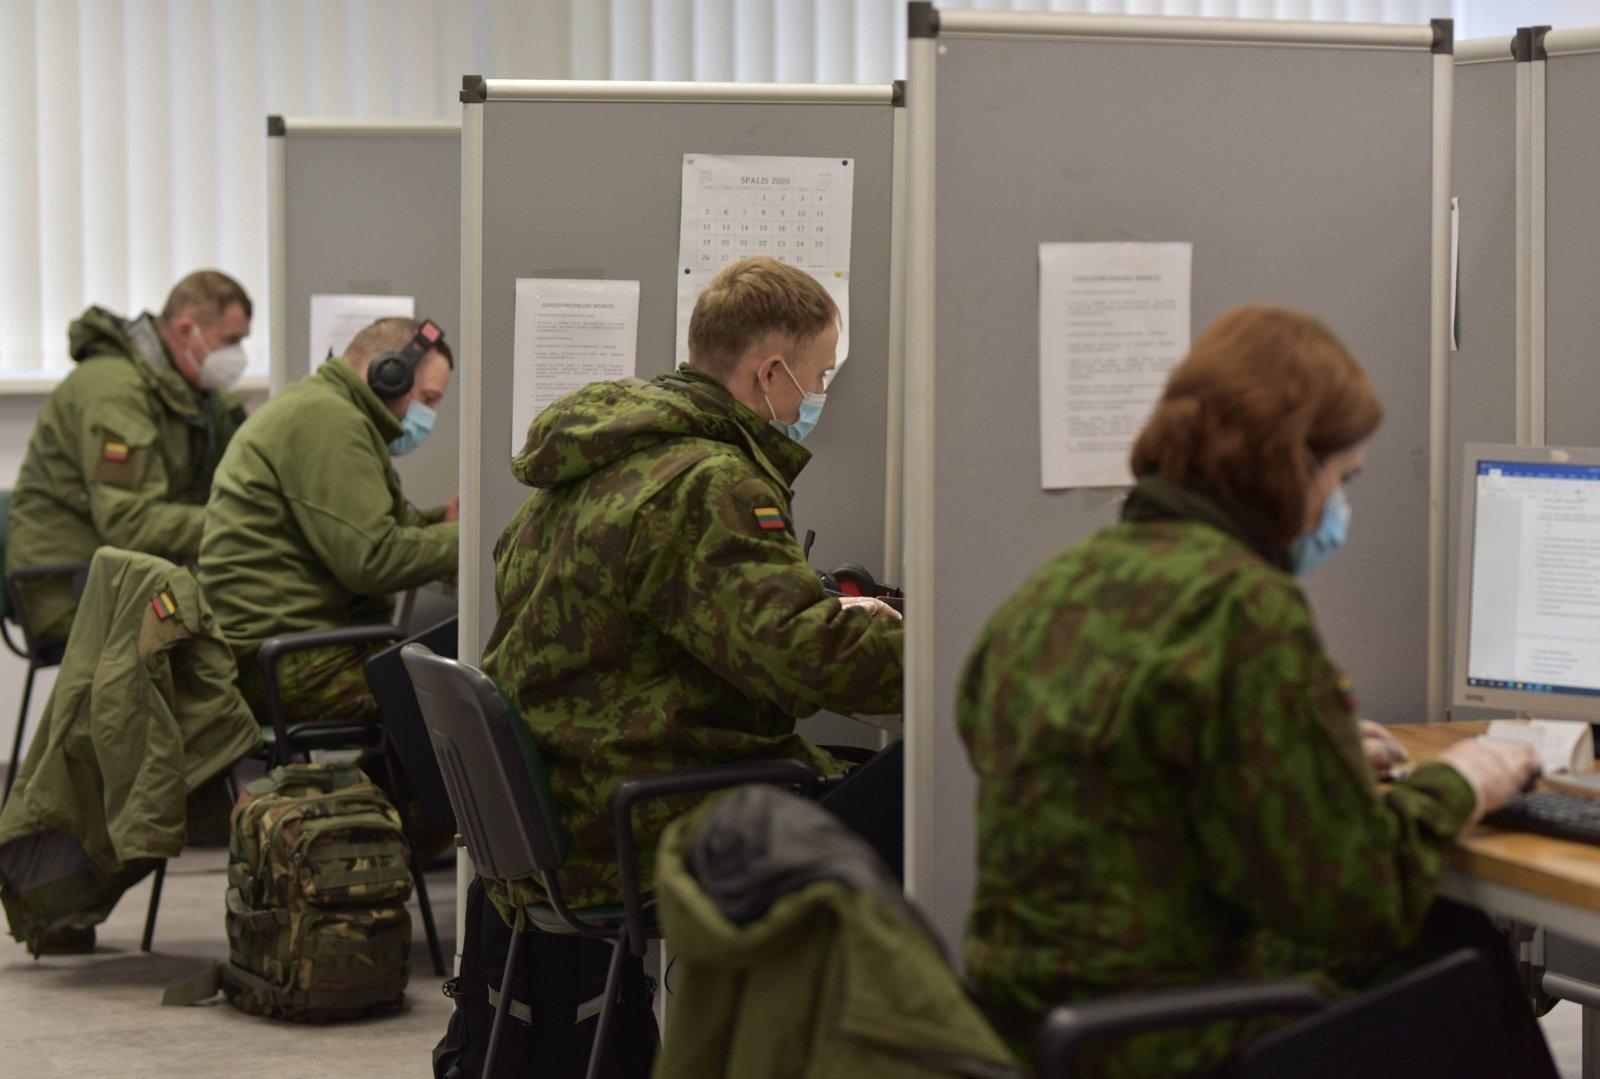 Pirmenybė skiepijant nuo COVID-19 bus teikiama ir kariams bei sportininkams